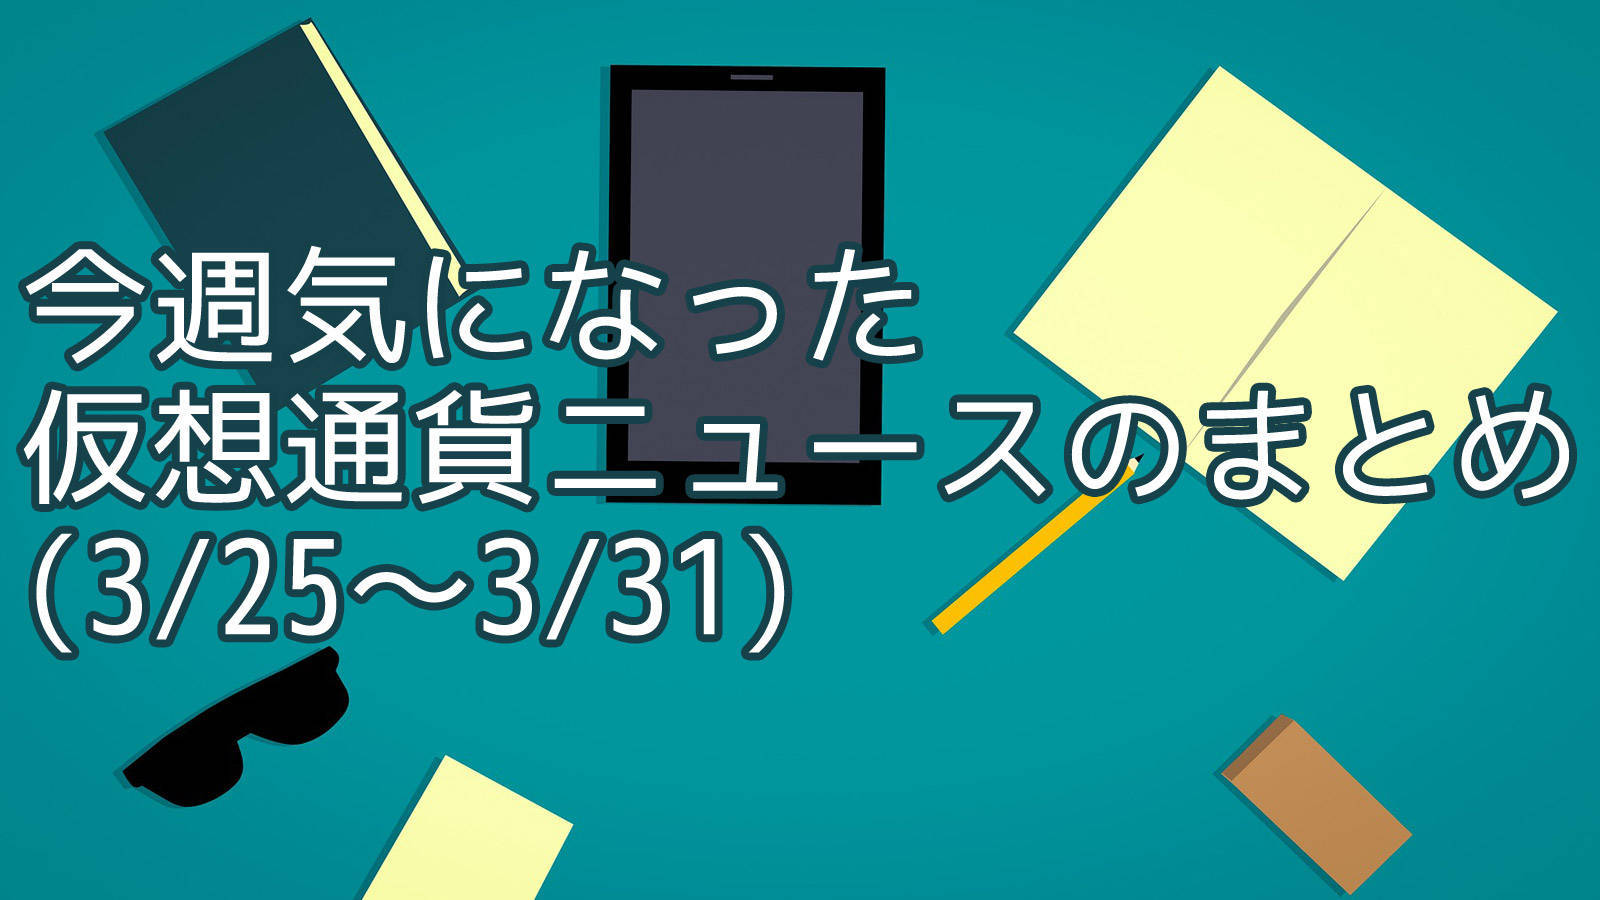 今週気になった仮想通貨ニュースのまとめ (3/25〜3/31)